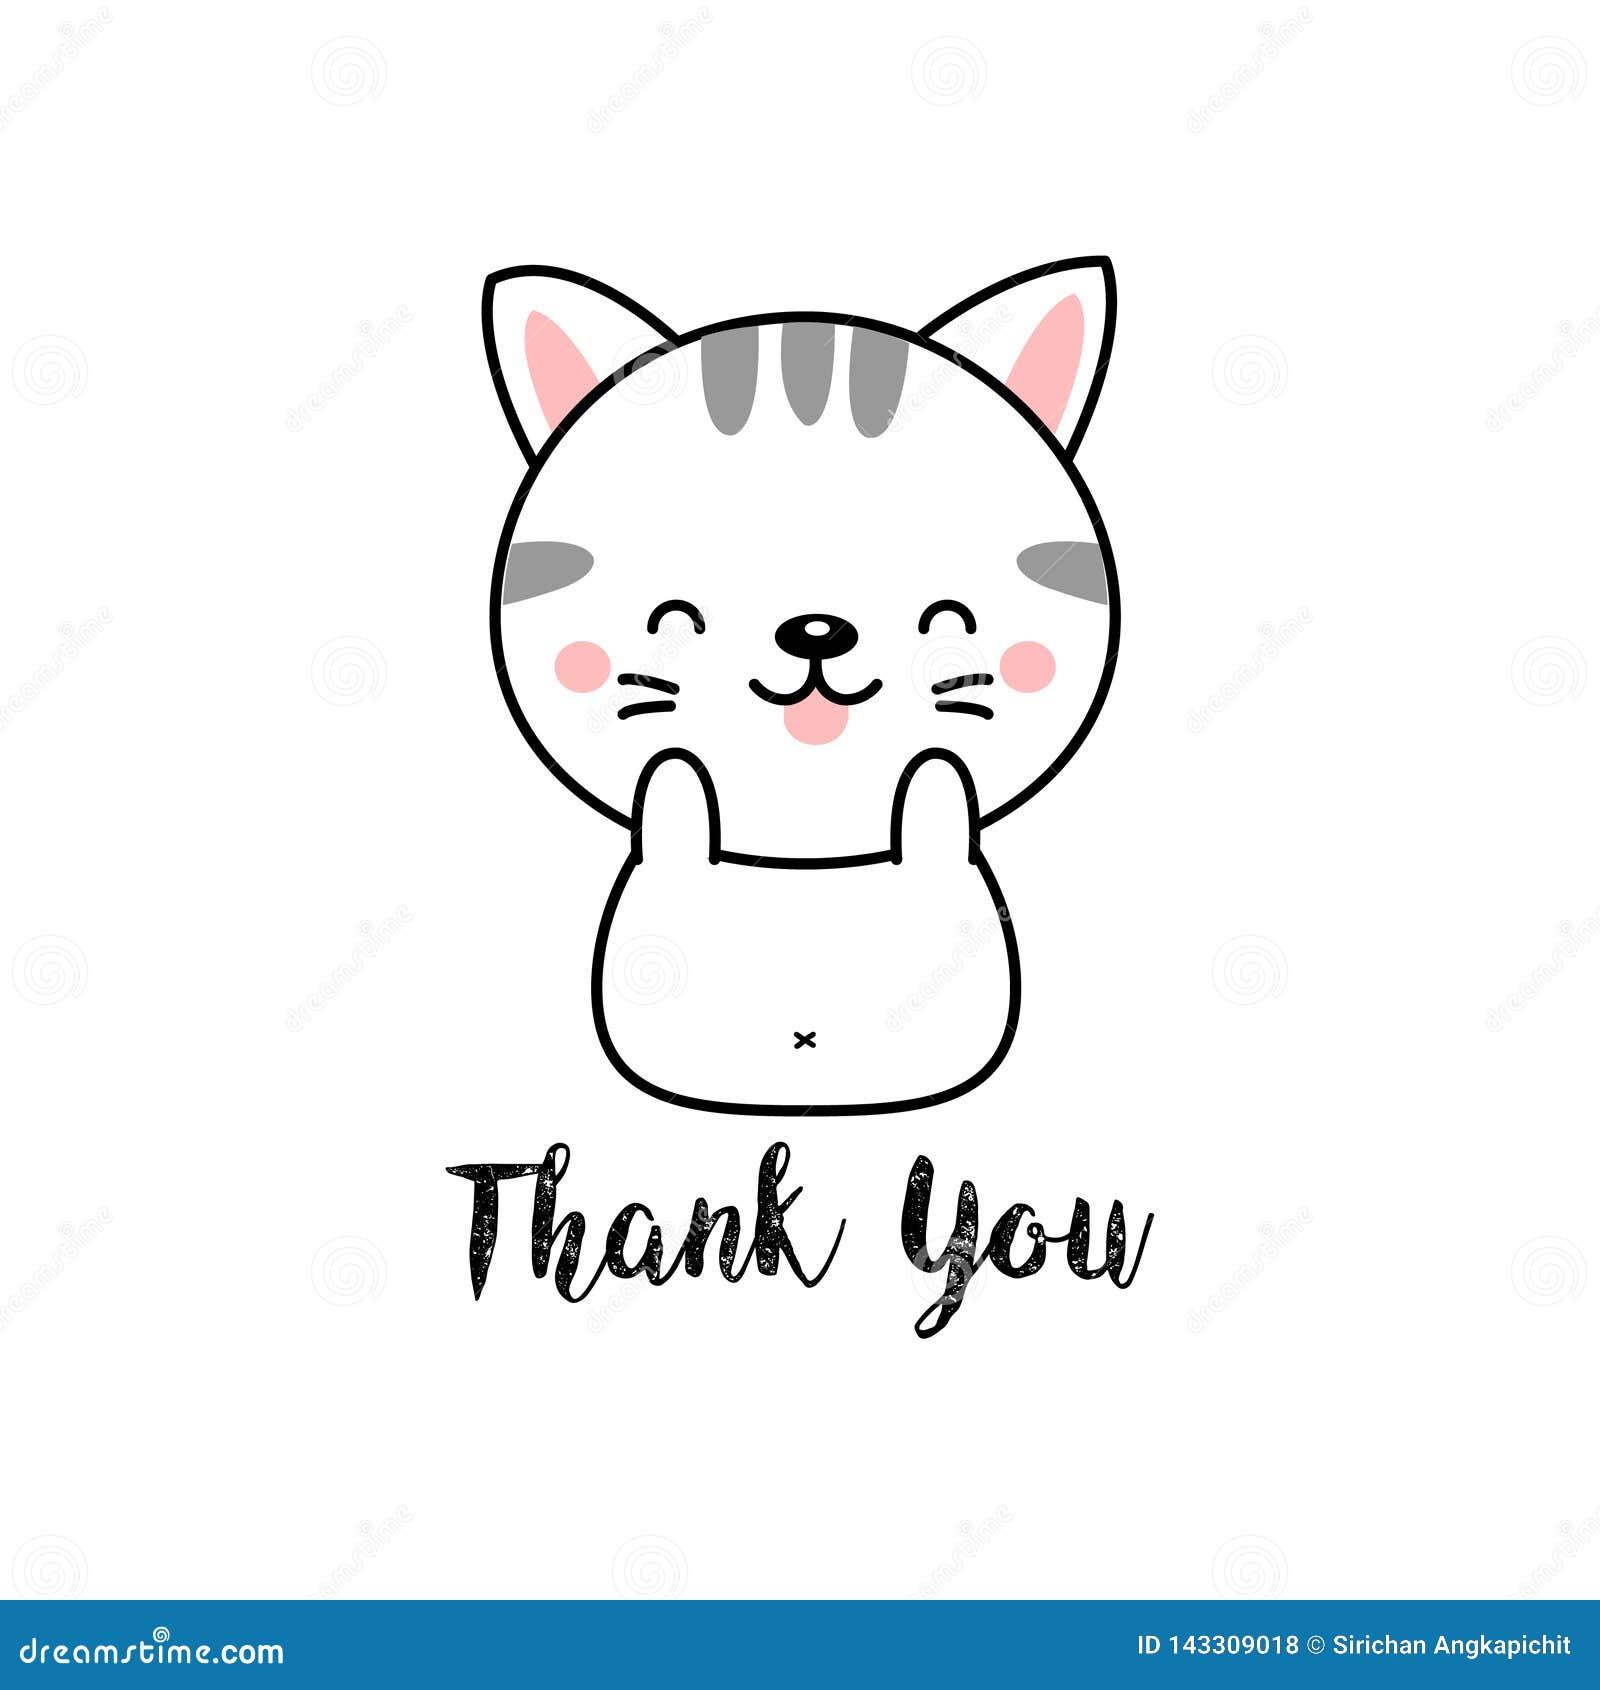 La historieta linda del gato con le agradece que pone letras